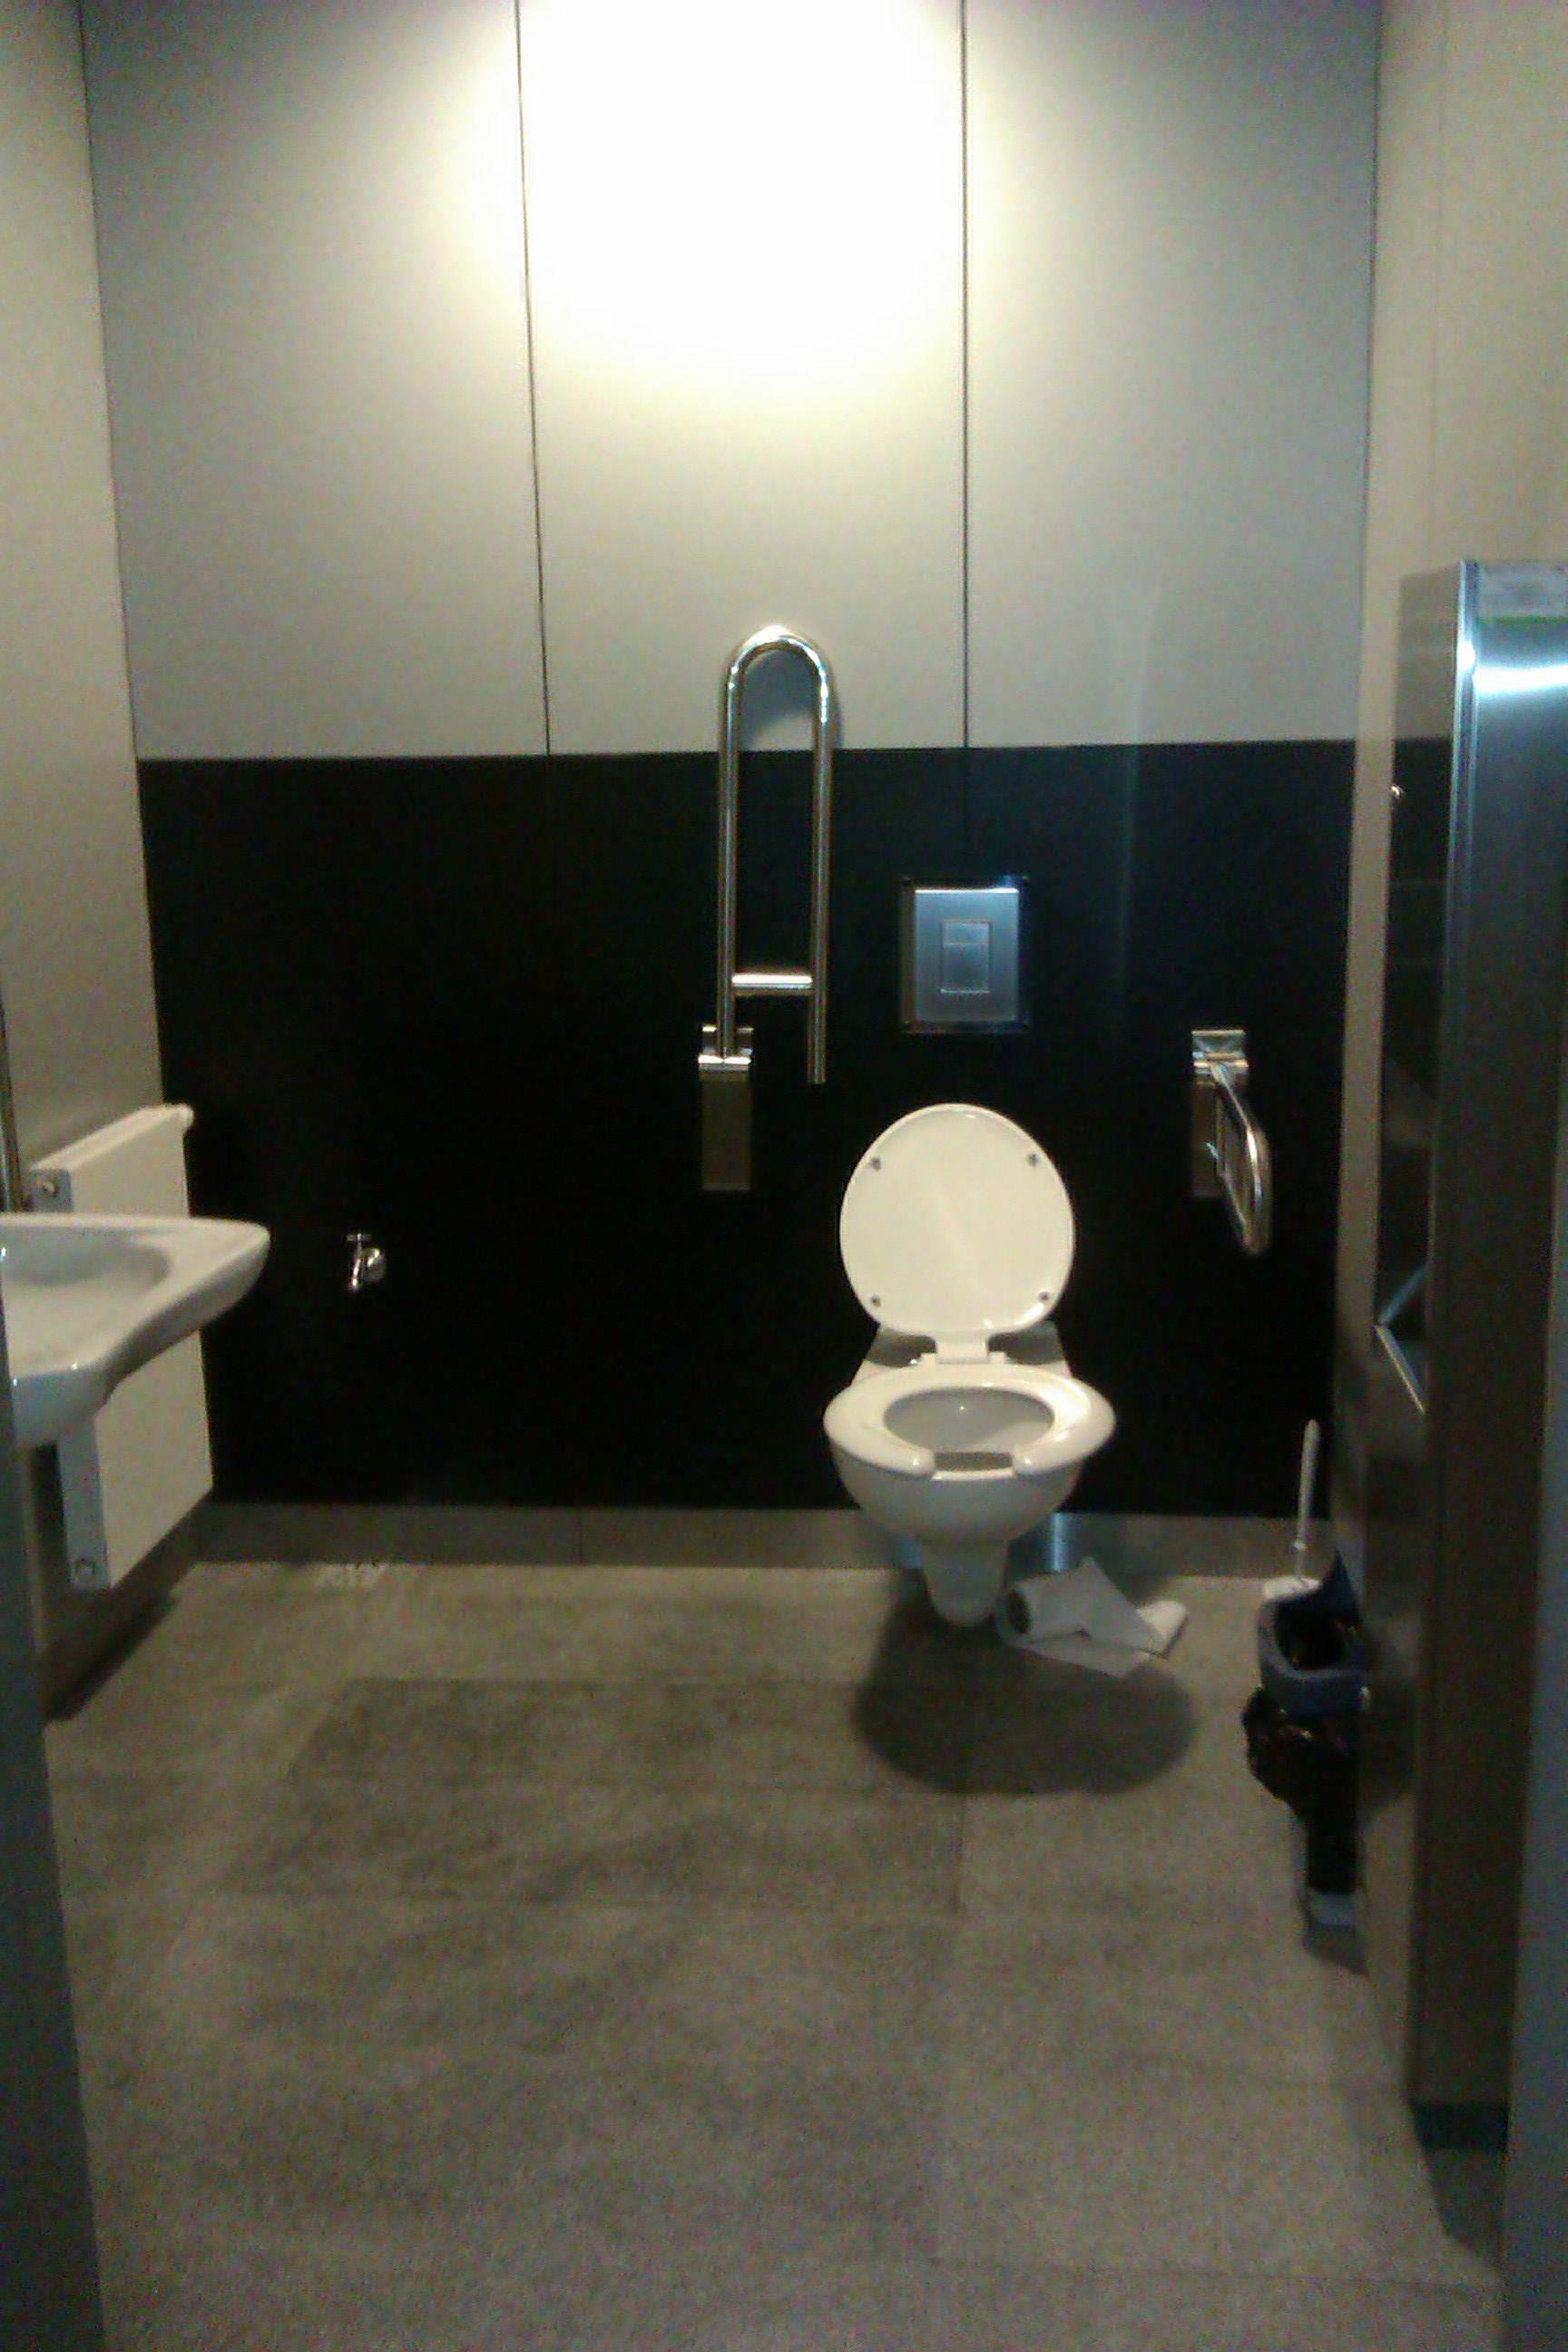 Pomieszczenia - toalety dla niepełnosprawnych filharmonia świętokrzyska